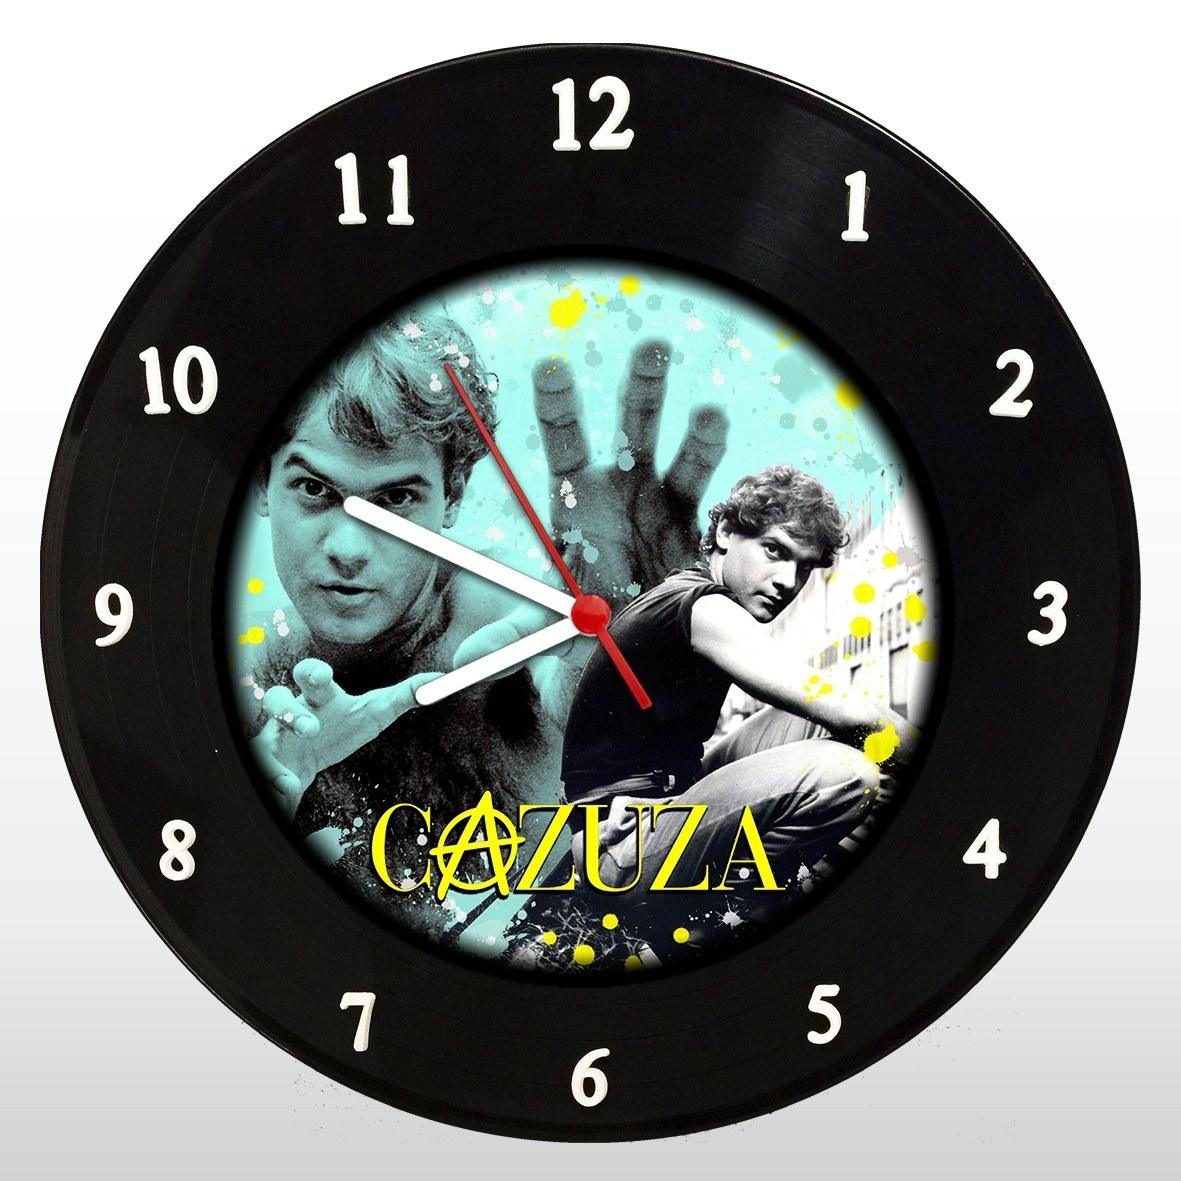 Cazuza - Relógio de Parede em Disco de Vinil - Mr. Rock